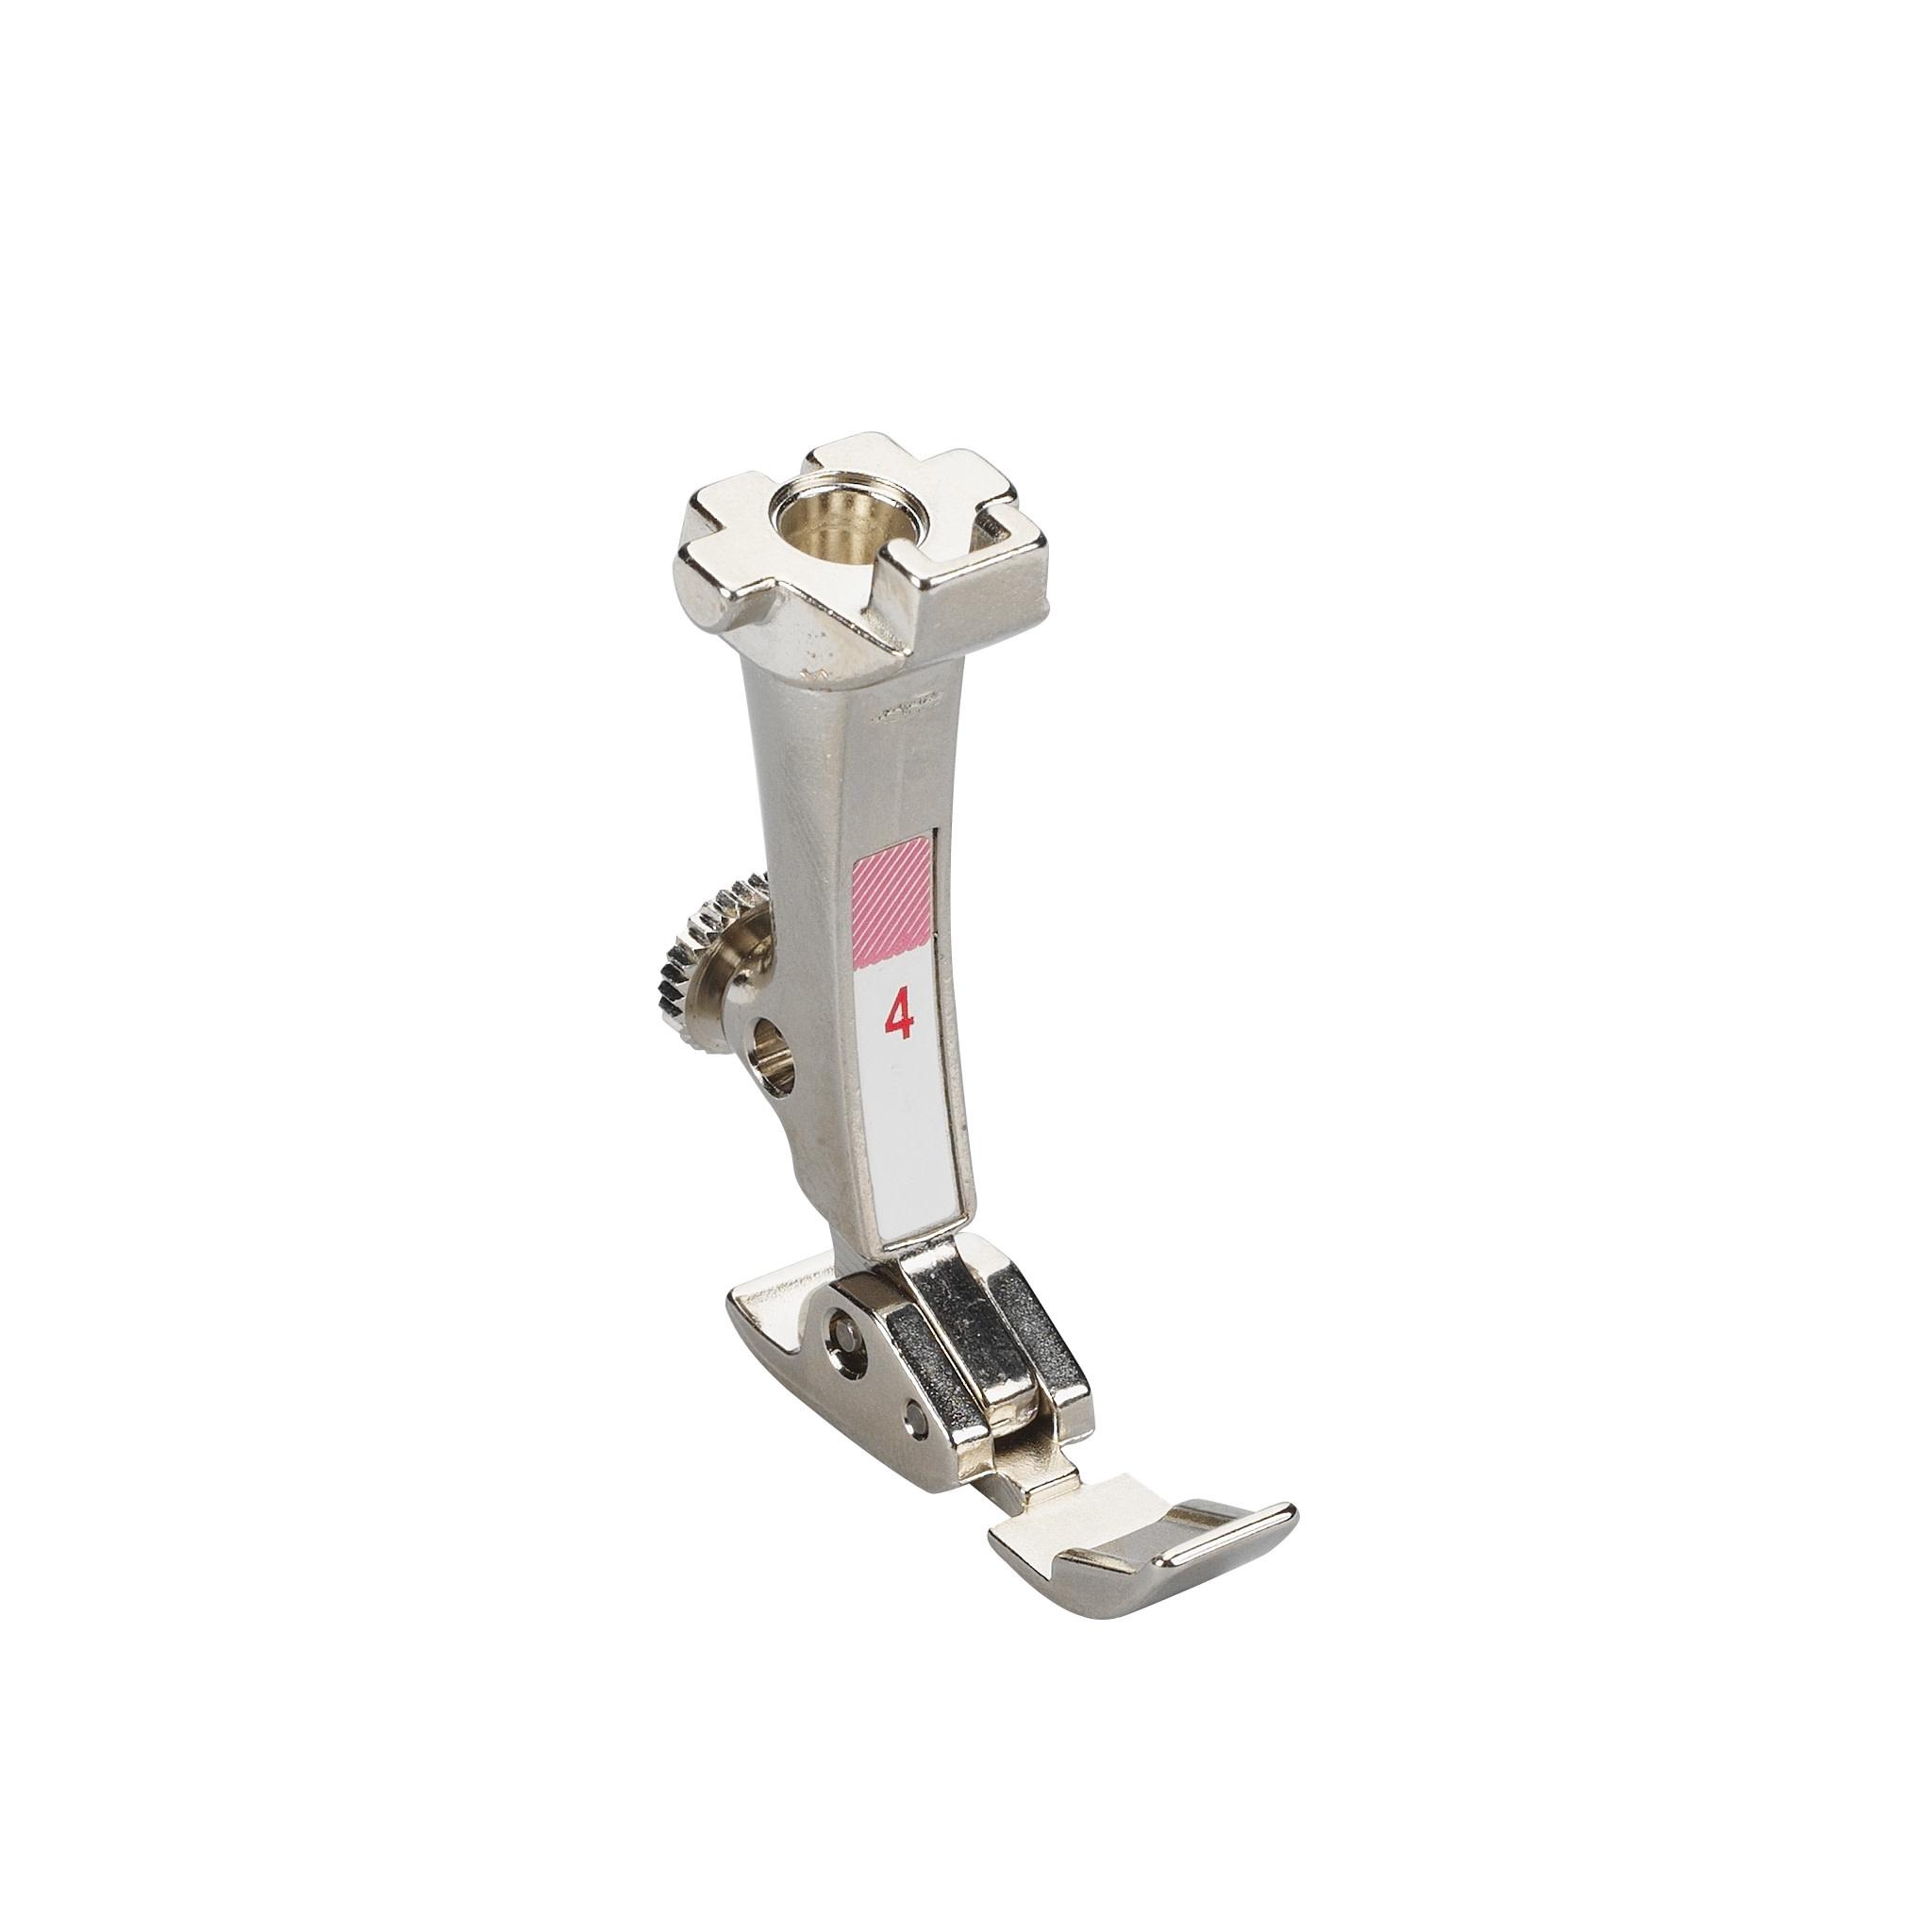 BERNINA Bernina #4 Zipper Foot